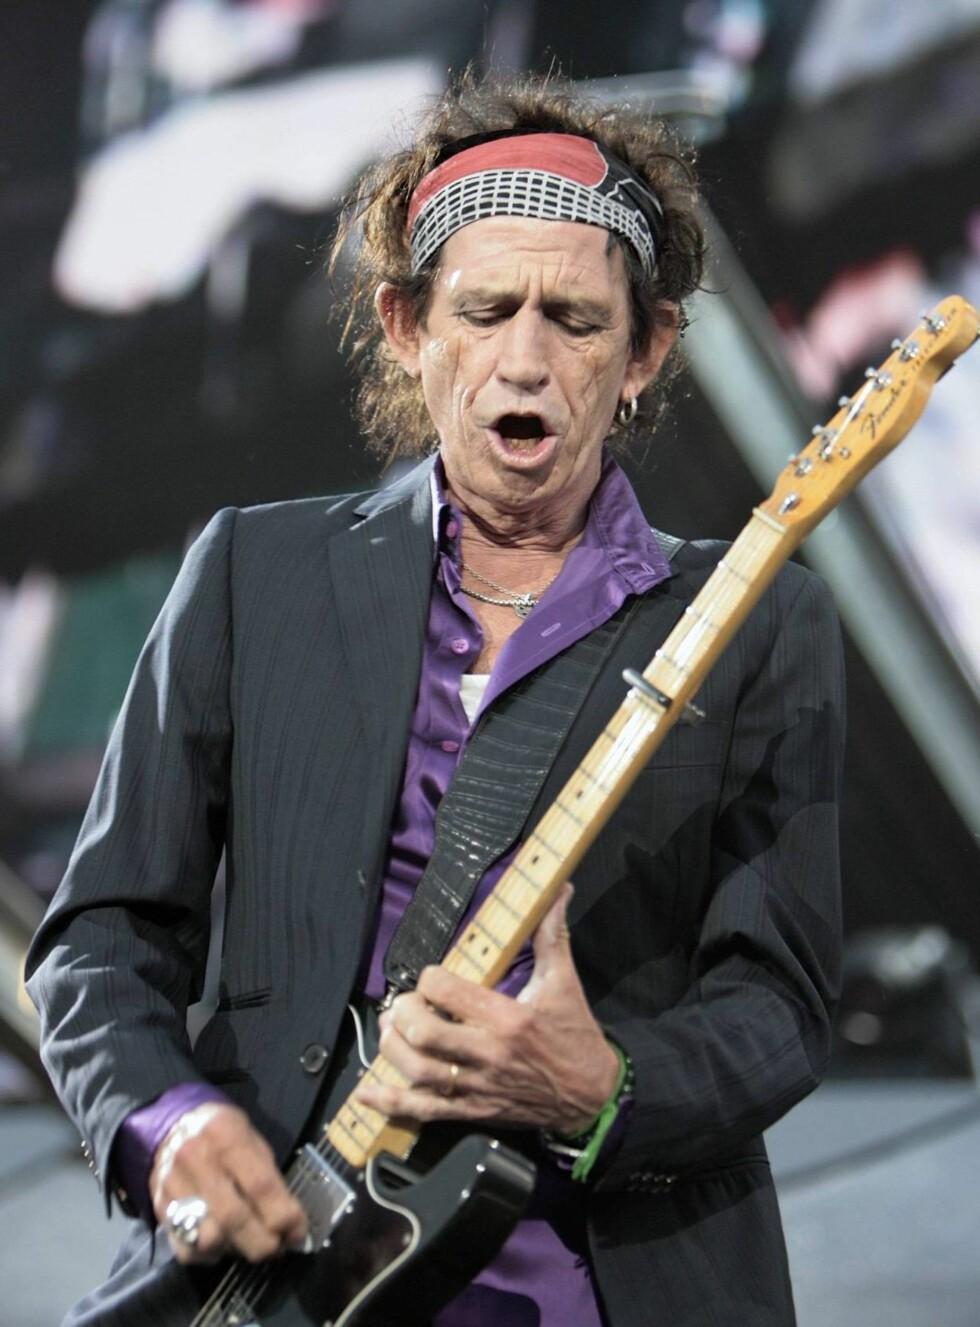 FERDIG: Hvis ikke det ikke er sterk narkotika, er det like greit å slutte helt, mener Keith... Foto: AP